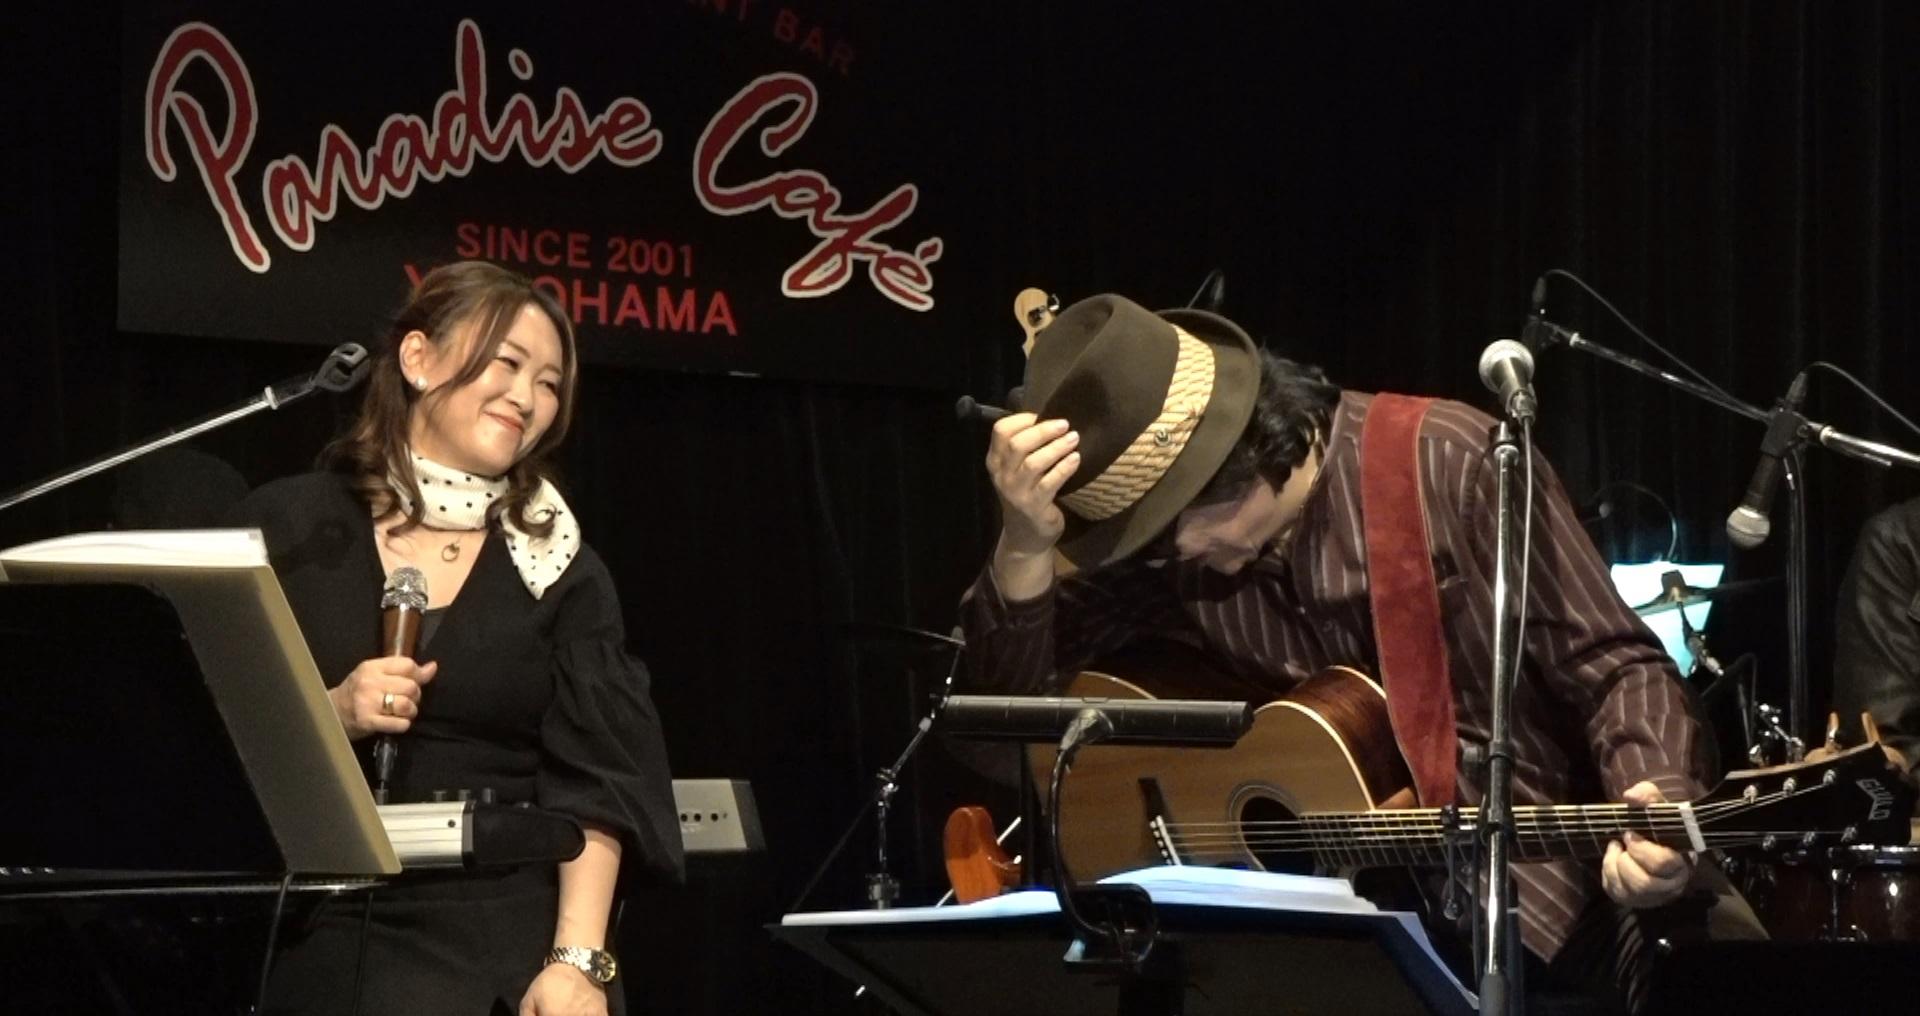 濱田金吾LIVE@横浜ParadiseCafe ありがとうございました!_a0088007_23145897.jpg